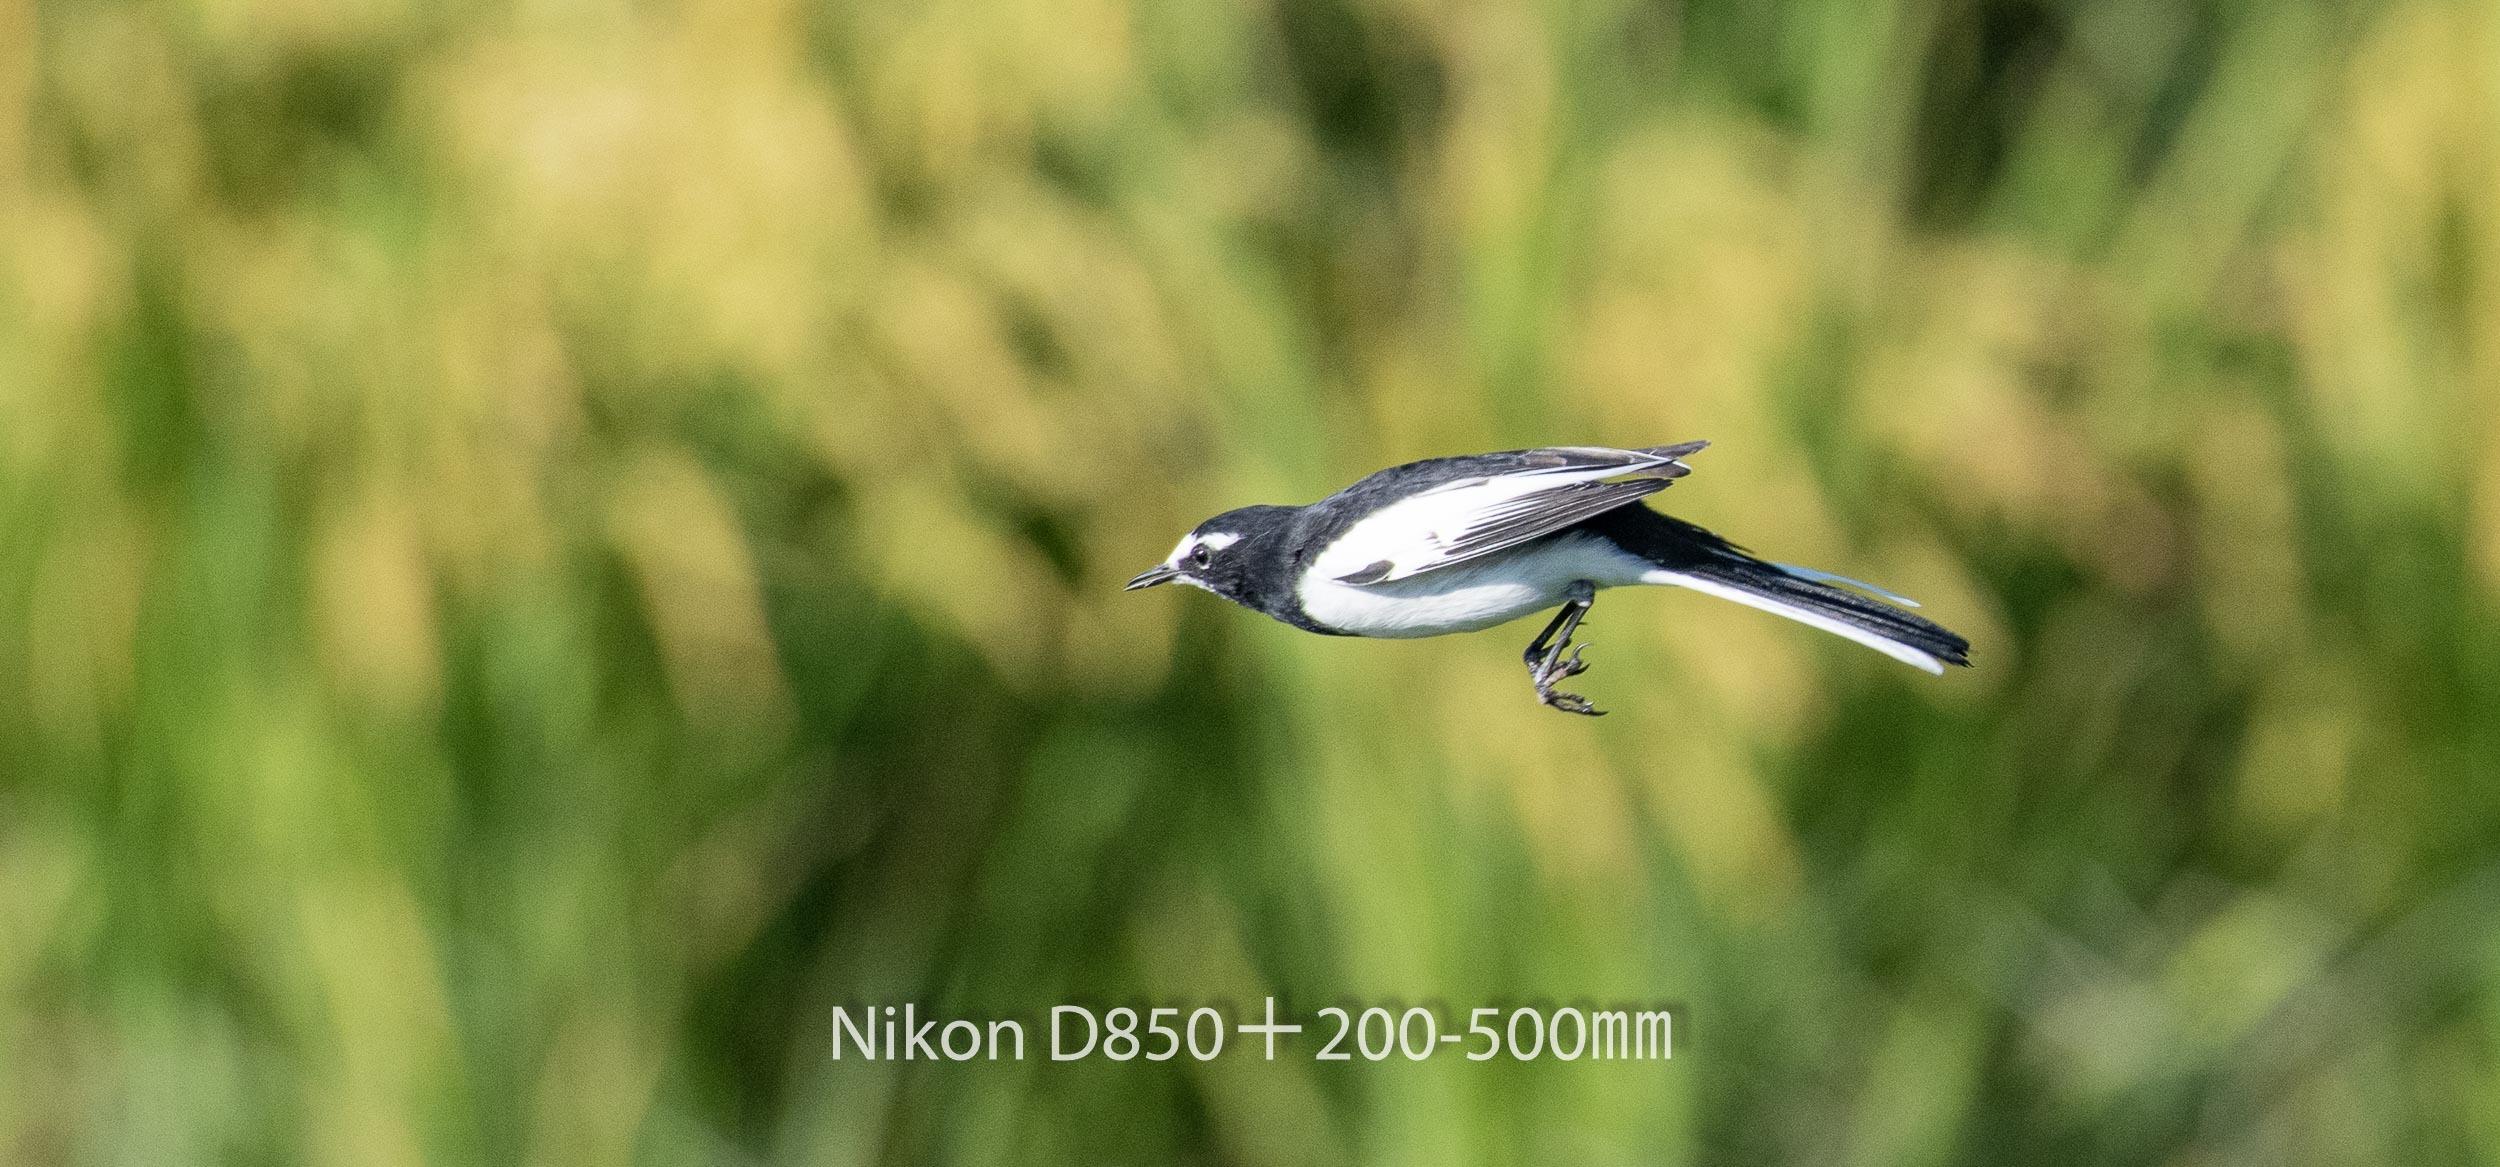 191005 ハクセキレイ-04 NIKON D850 ISO 720 500 mm 3078 x 1436